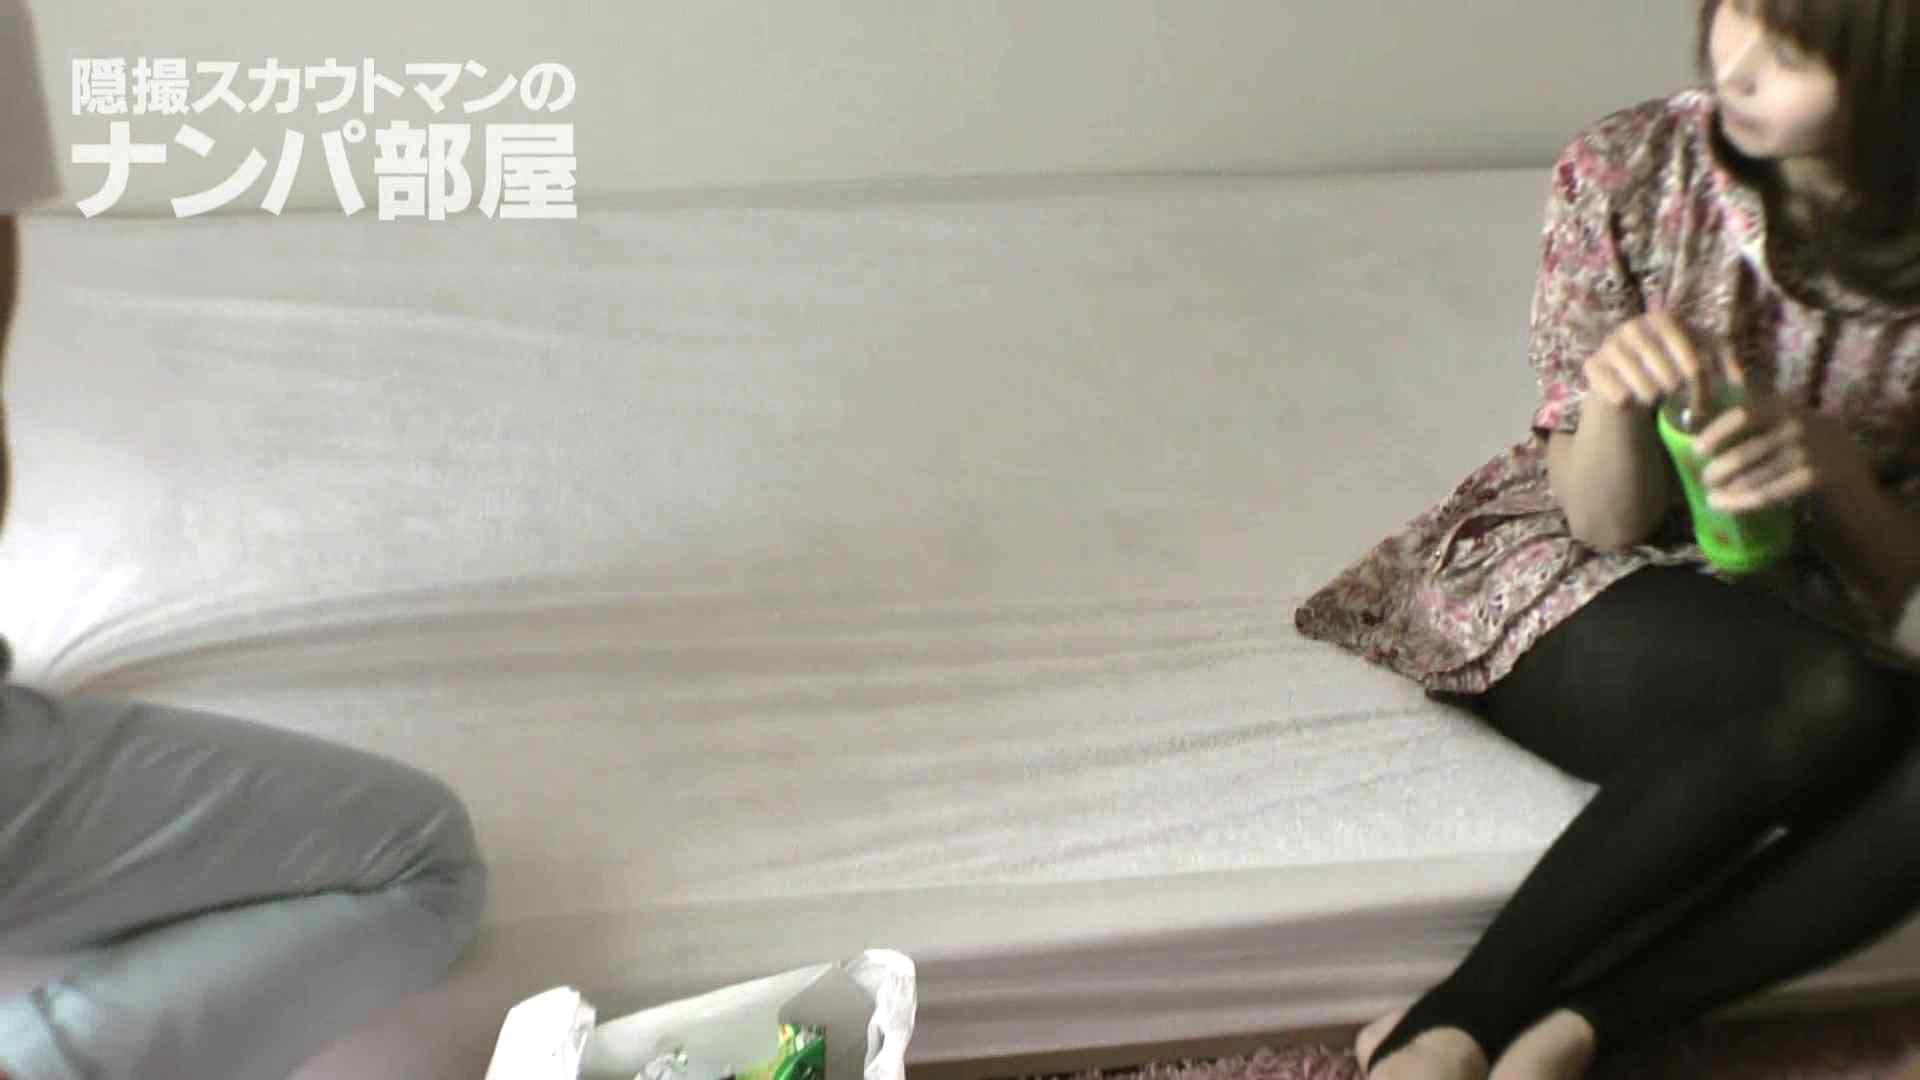 隠撮スカウトマンのナンパ部屋~風俗デビュー前のつまみ食い~ sii 脱衣所  90連発 6